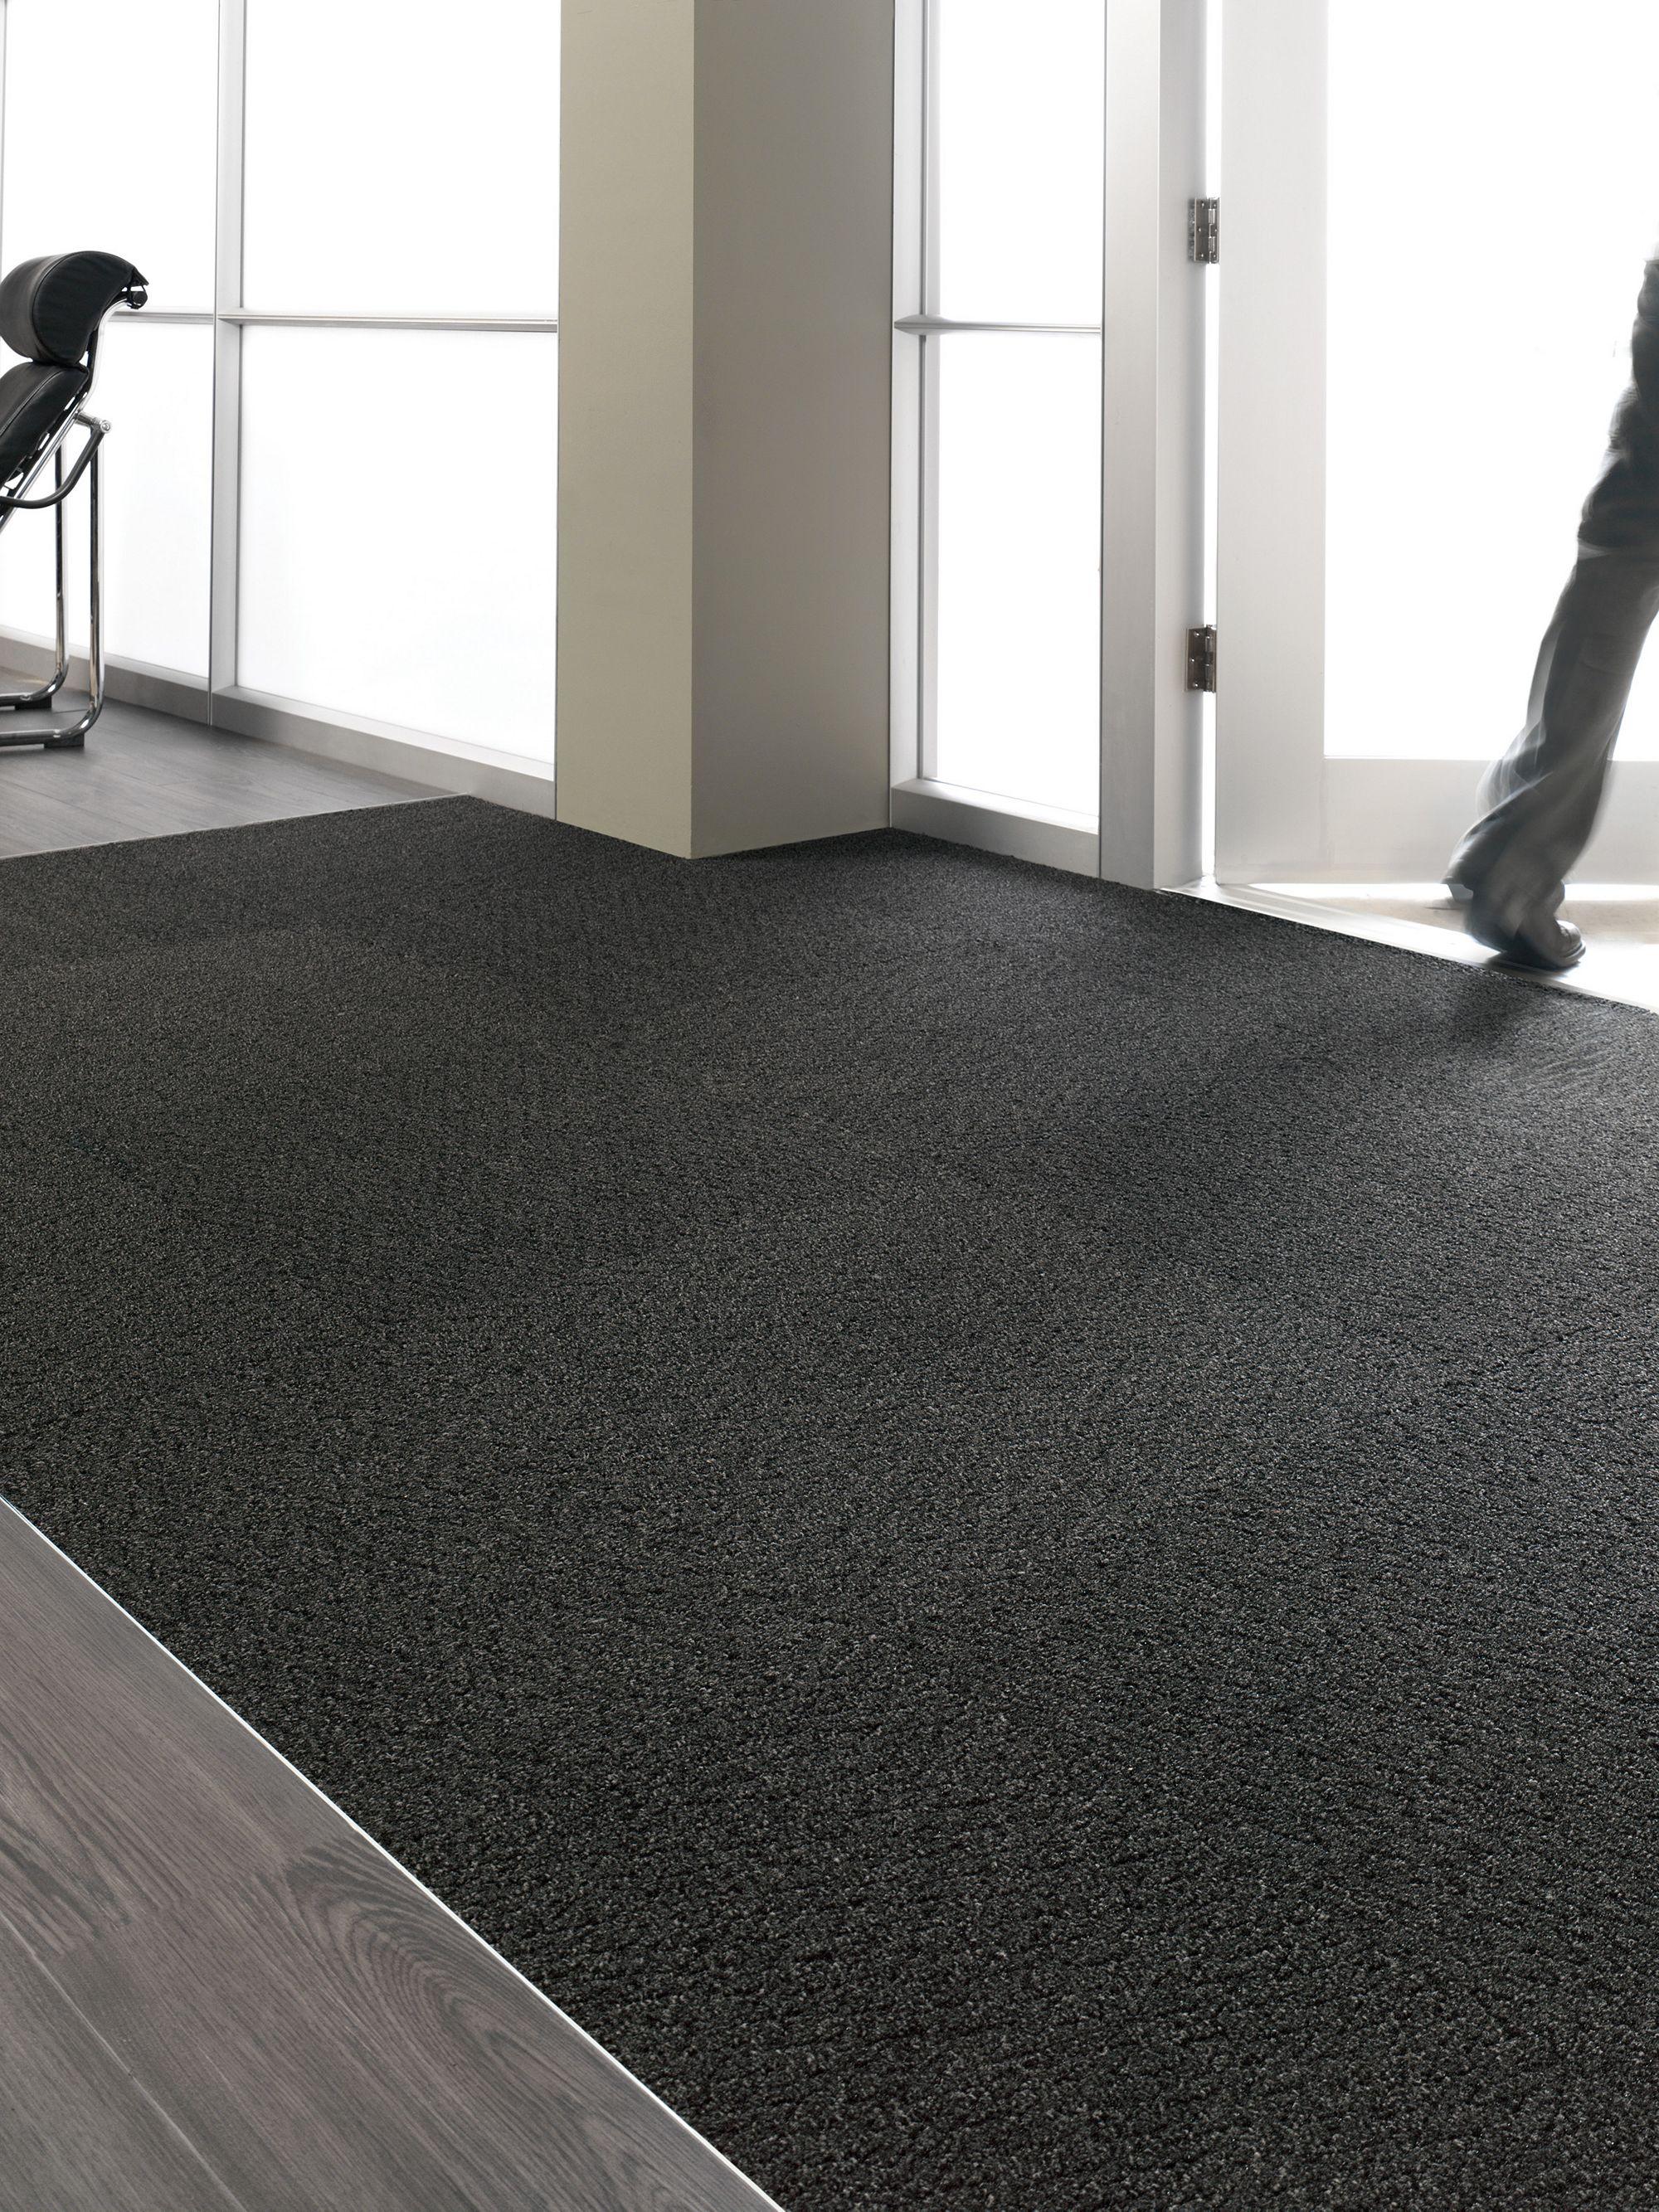 Carpet Tile Walk Off Step Up Ii Tile Obsidian